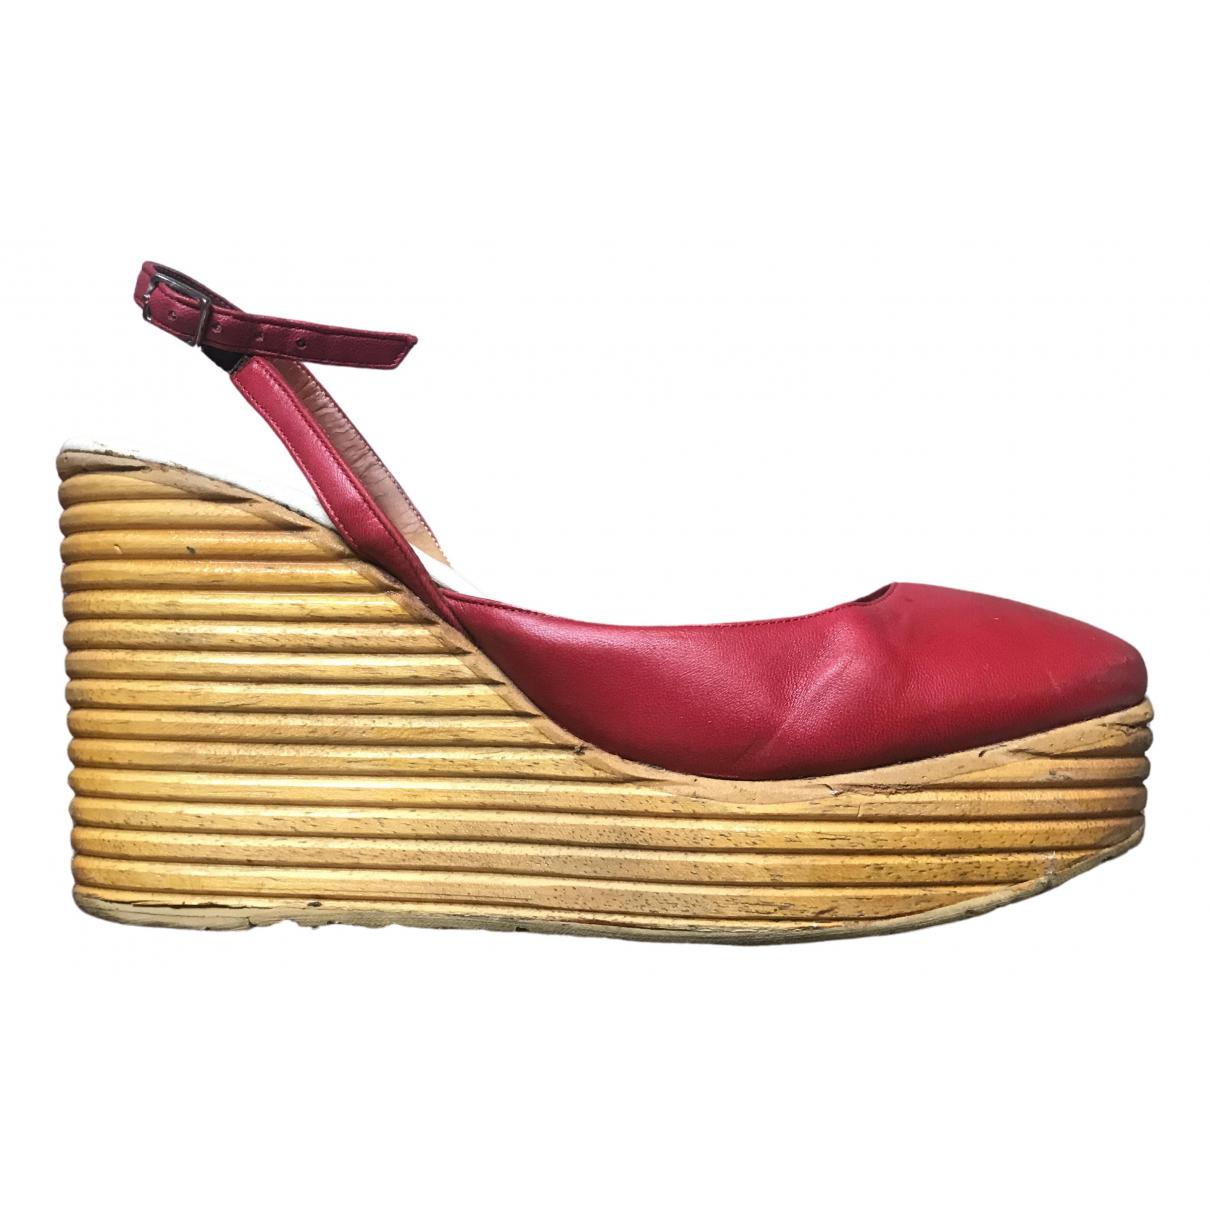 Maison Martin Margiela - Sandales   pour femme en cuir - rouge